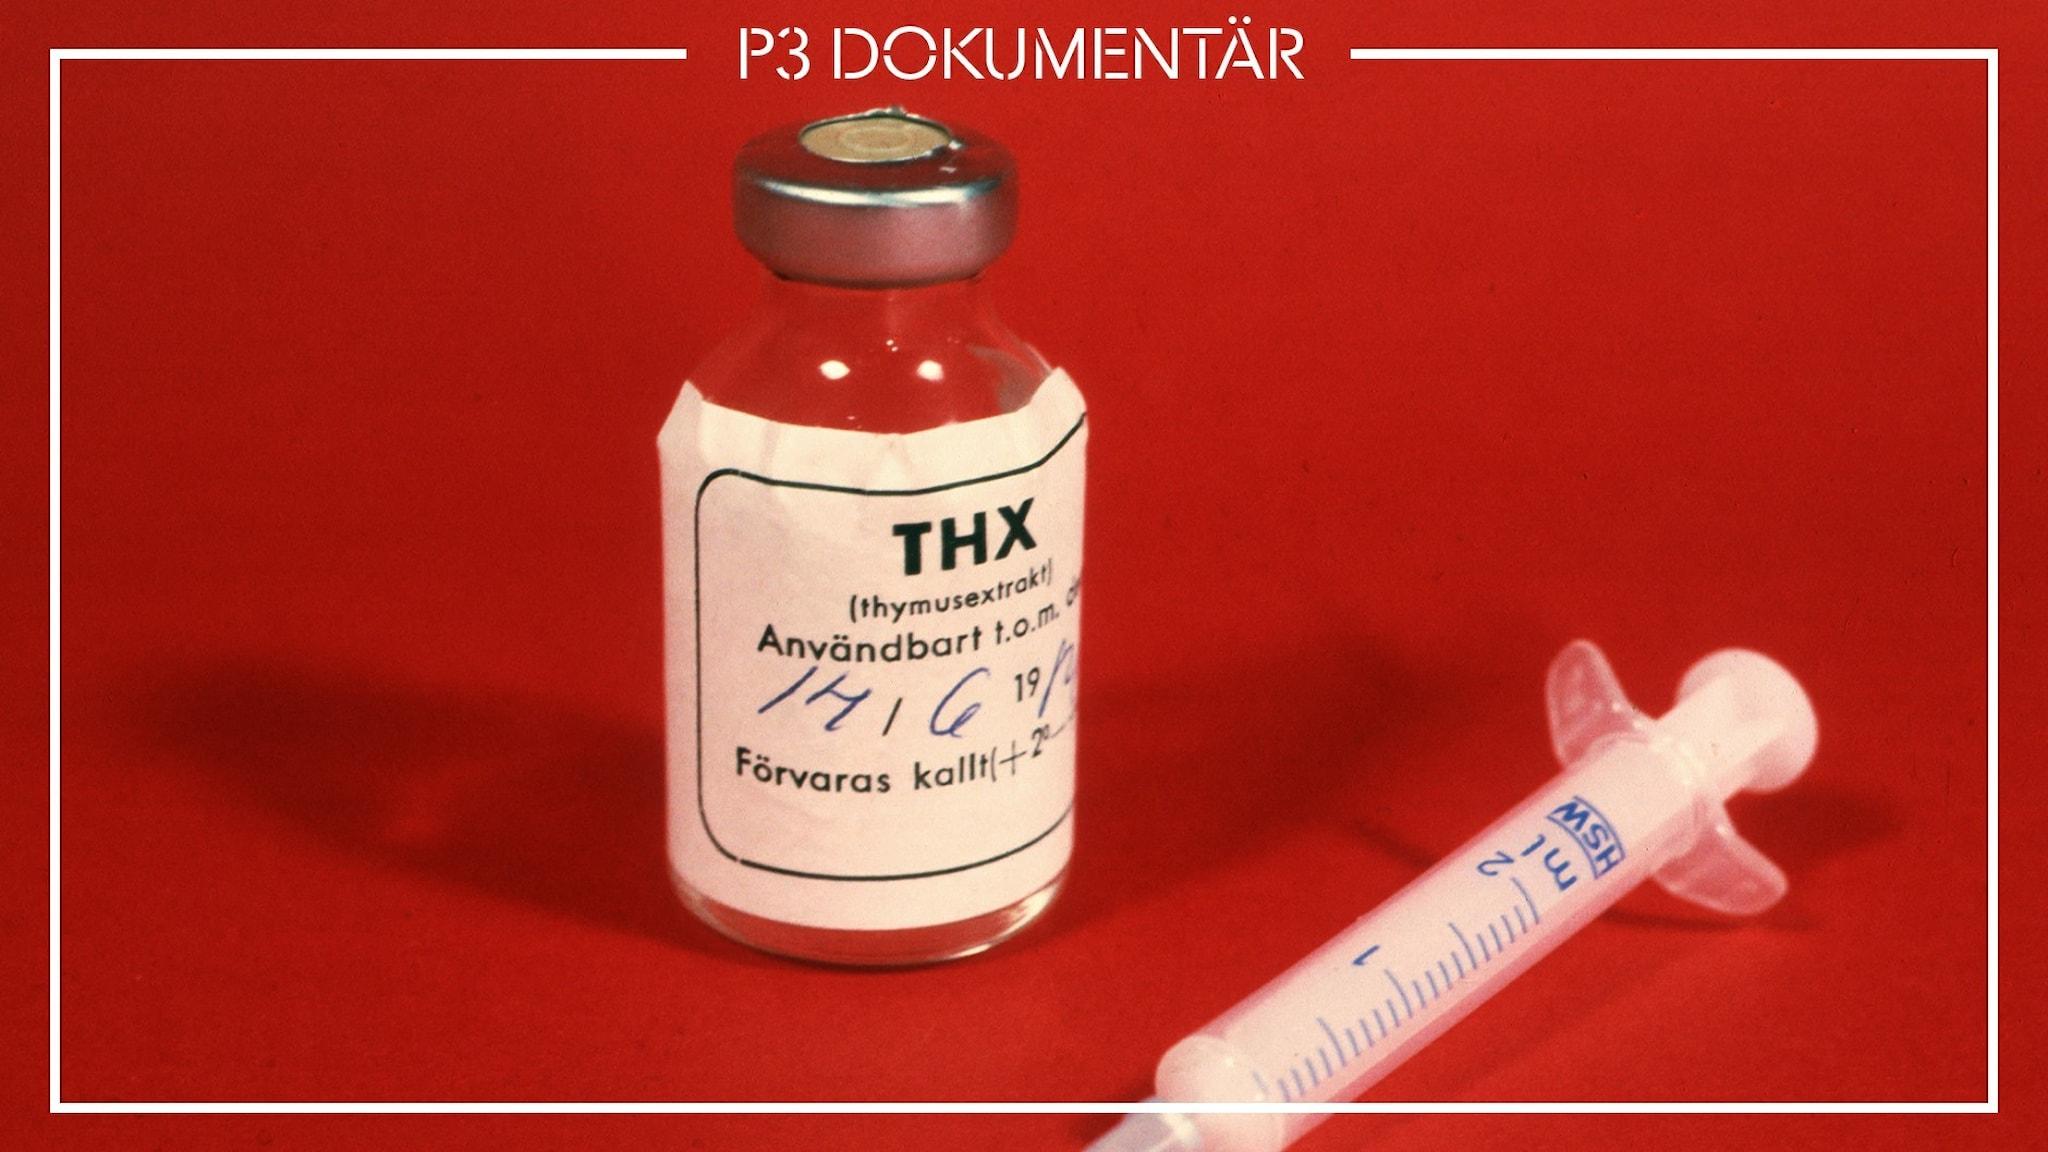 Medicinen THX och en spruta, röd bakgrund.